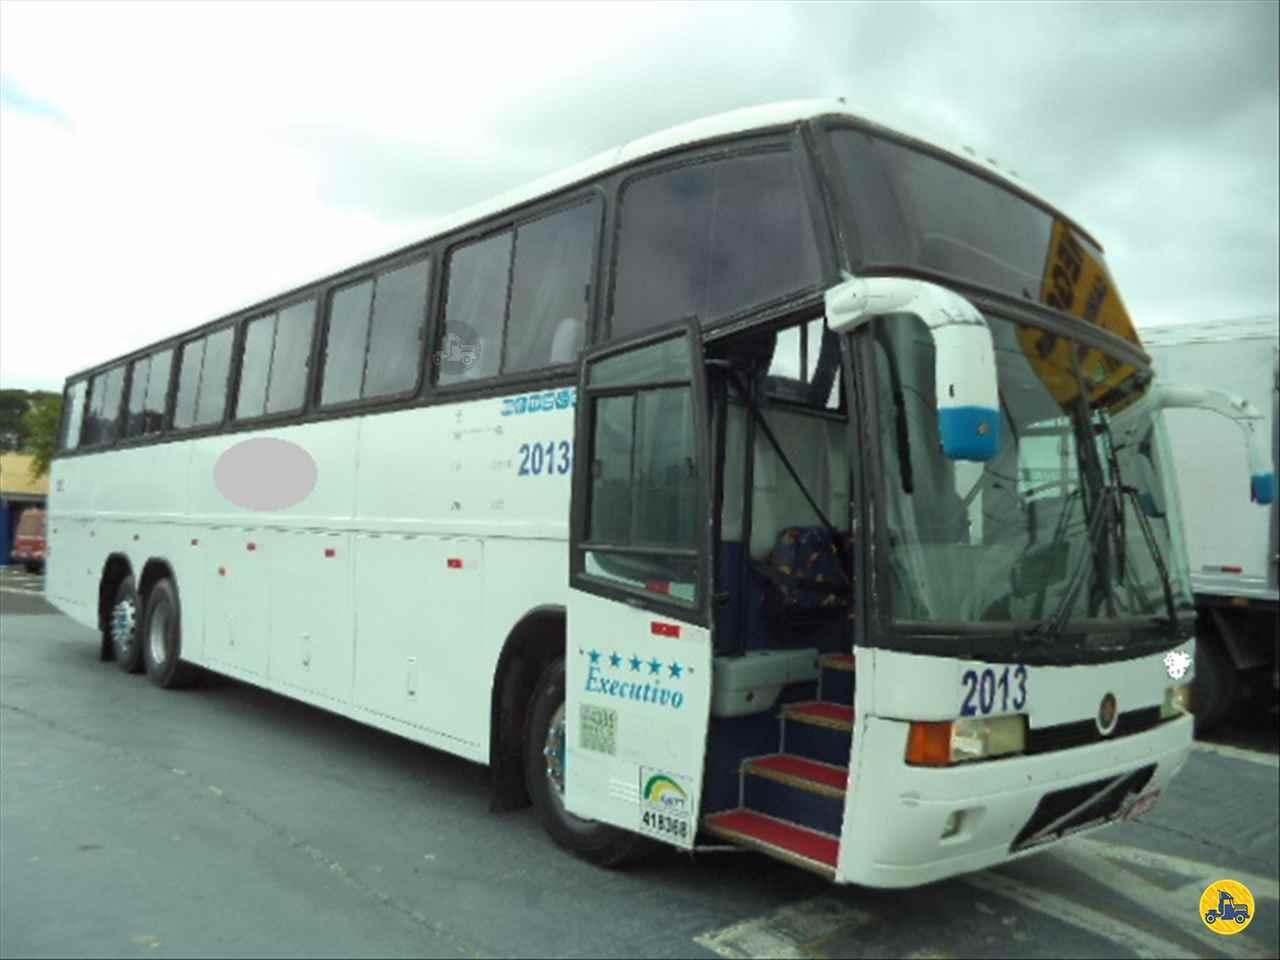 MARCOPOLO Paradiso GV 1150 731000km 1993/1993 Nego Véio Caminhões e Ônibus